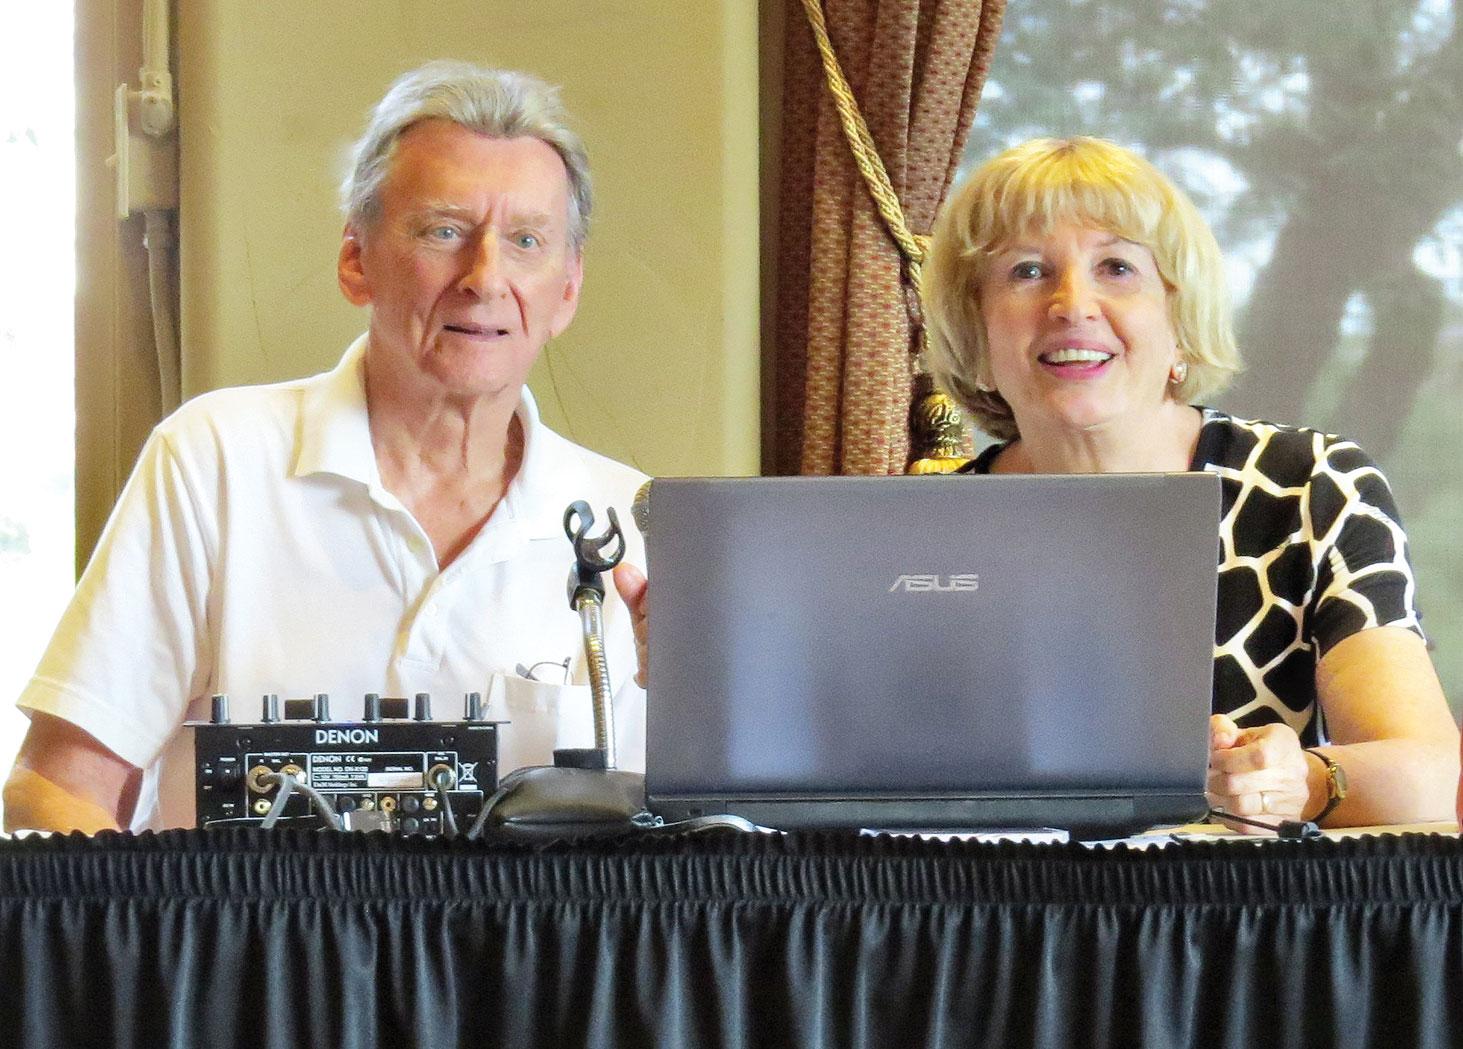 DJs and Latin Dance Instructors Wally and Jeanny Mara